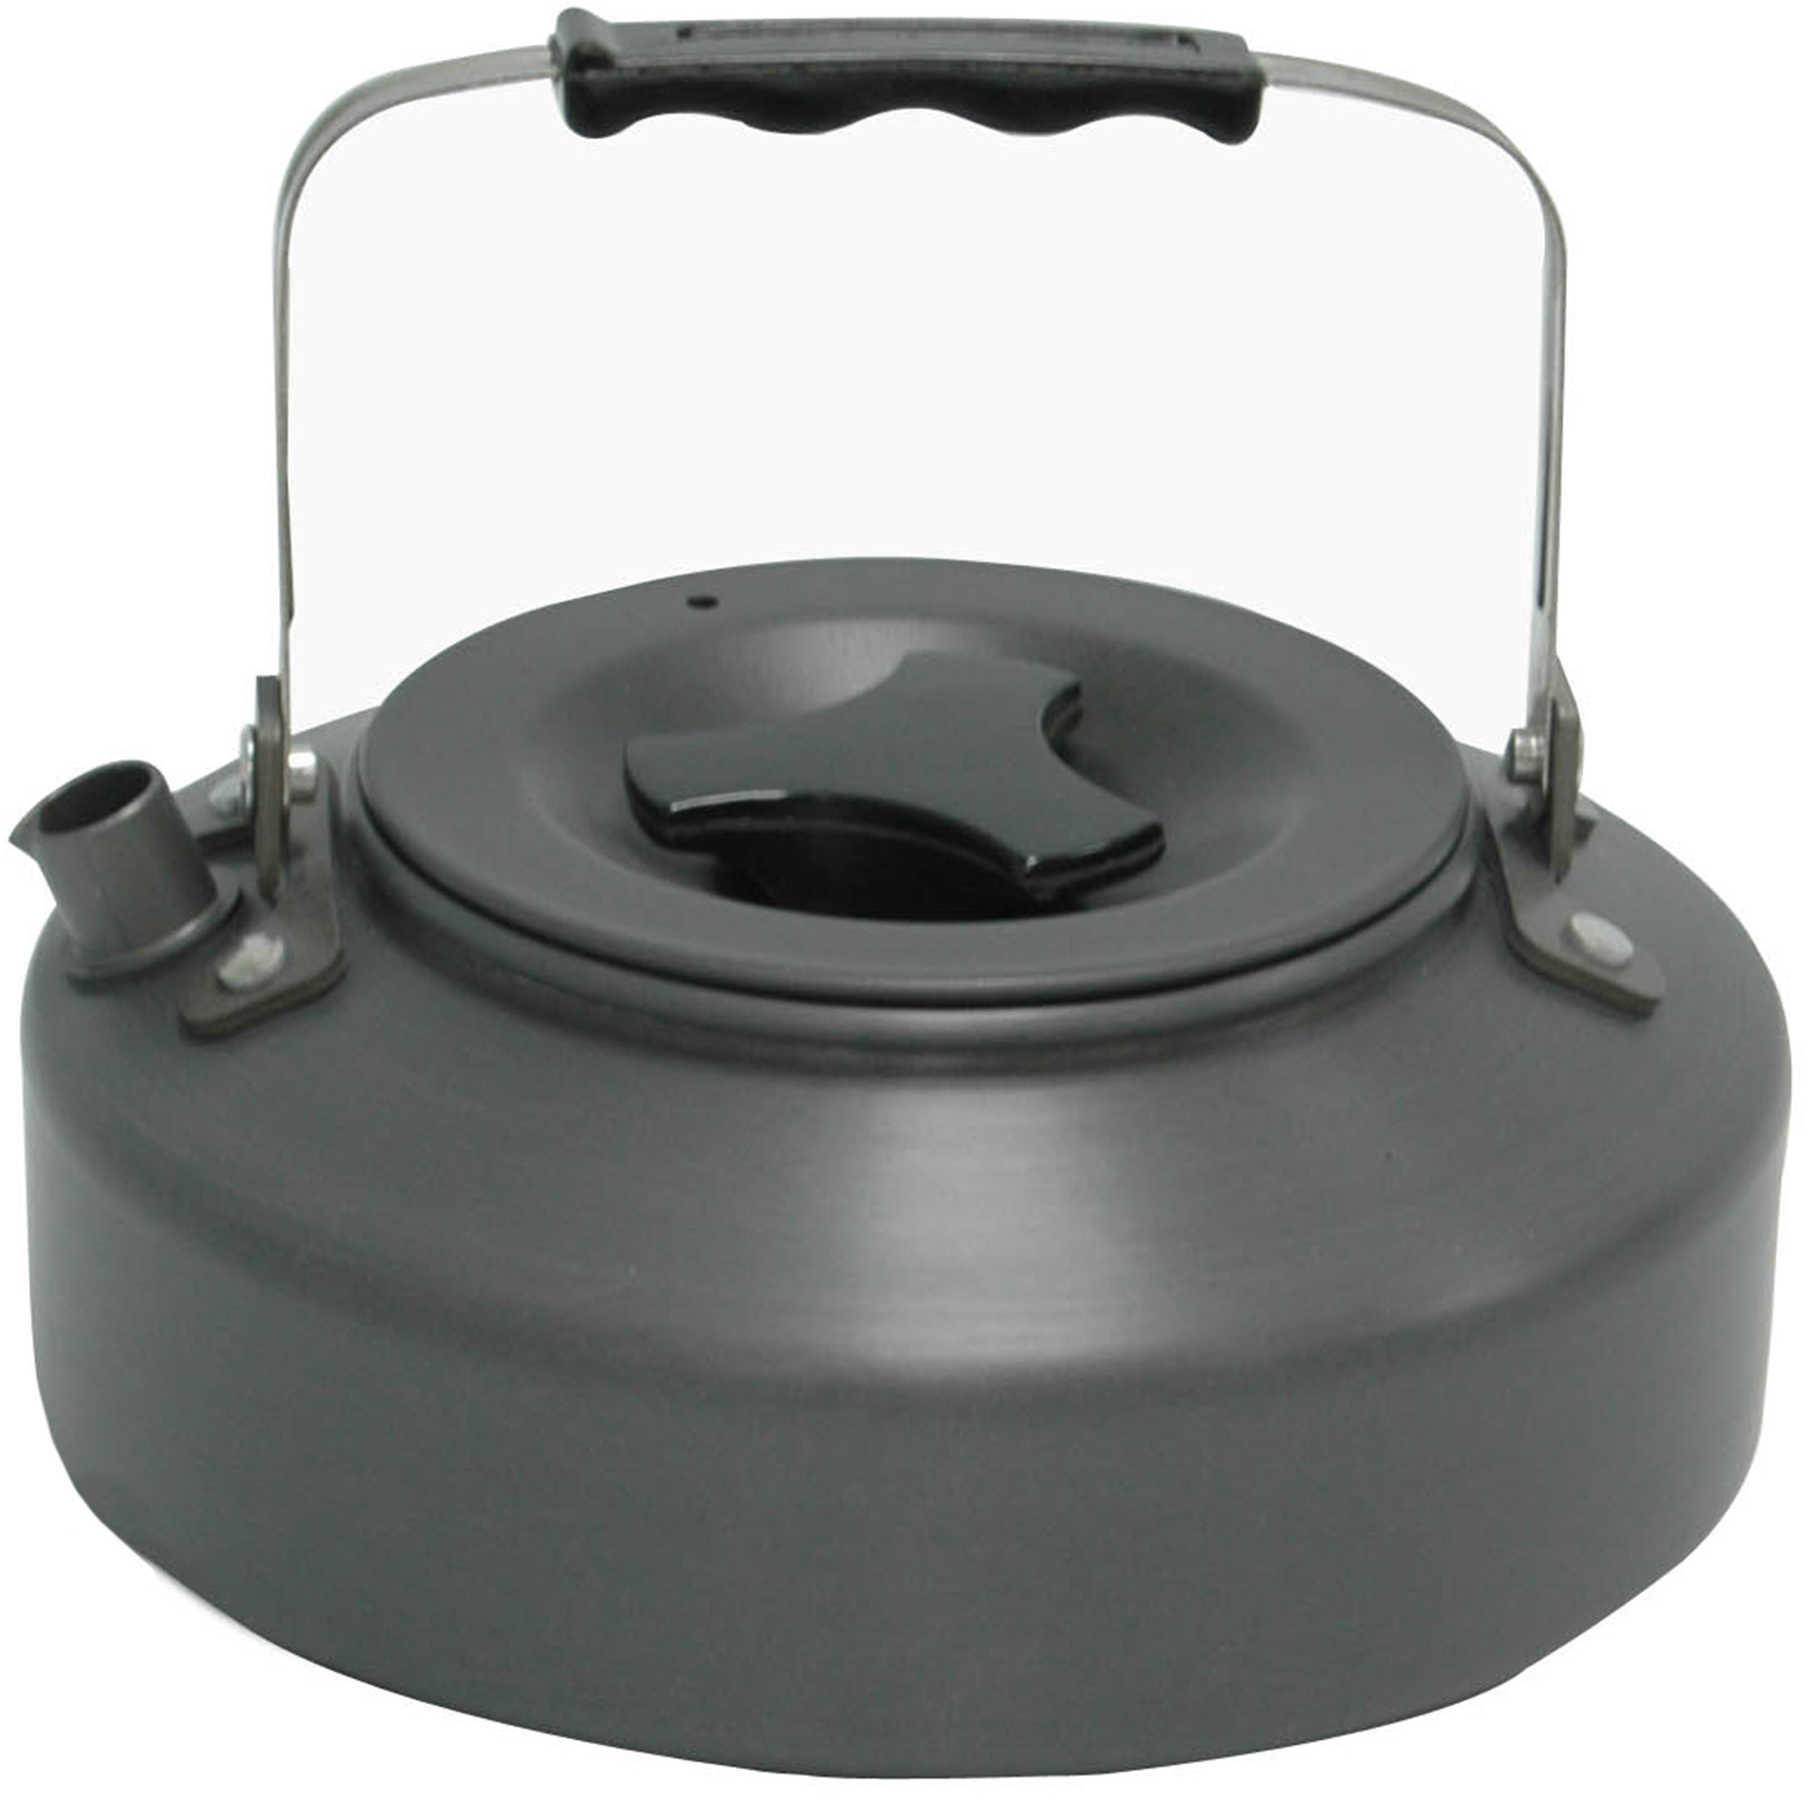 Trekker Hard Anodized Tea Kettle Md: 41315